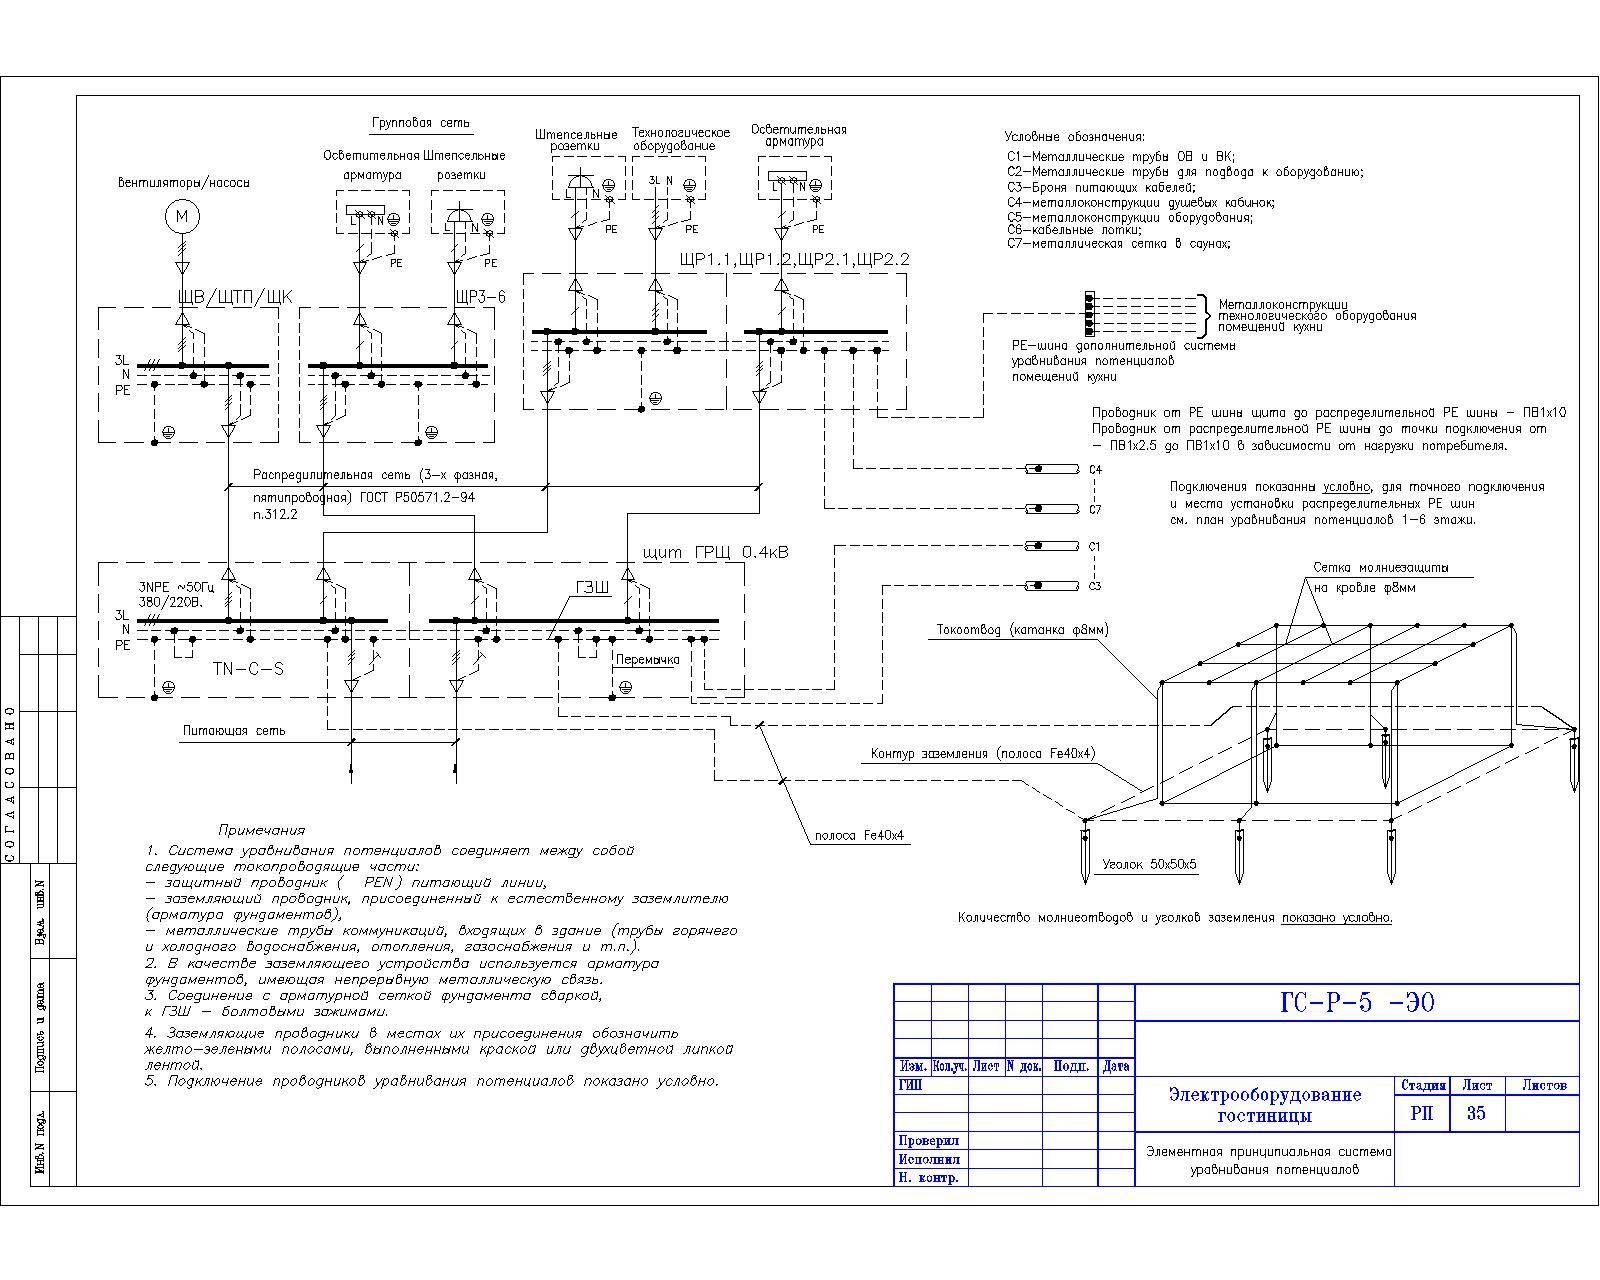 Пуэ-7 п.4.2.122-4.2.132 комплектные, столбовые, мачтовые трансформаторные подстанции и сетевые секционирующие пункты